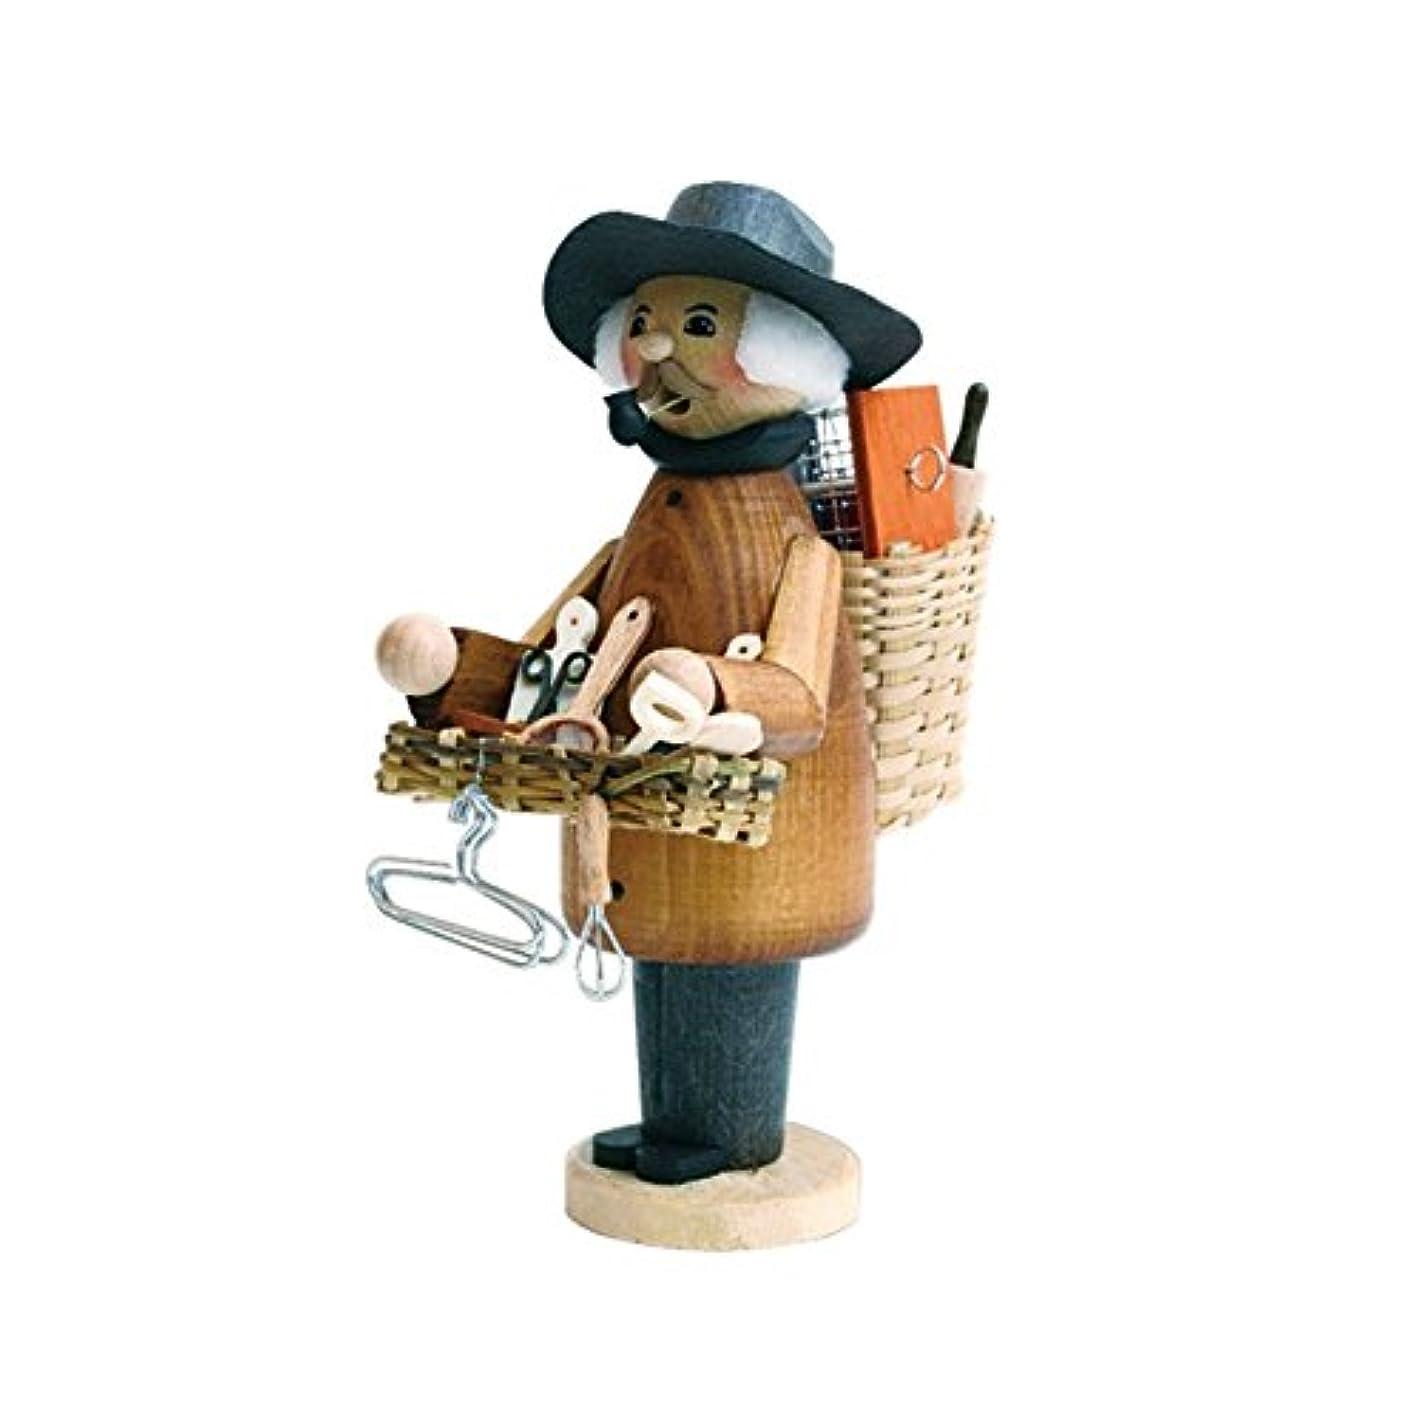 引く翻訳するかき混ぜるクーネルト ミニパイプ人形香炉 道具売り